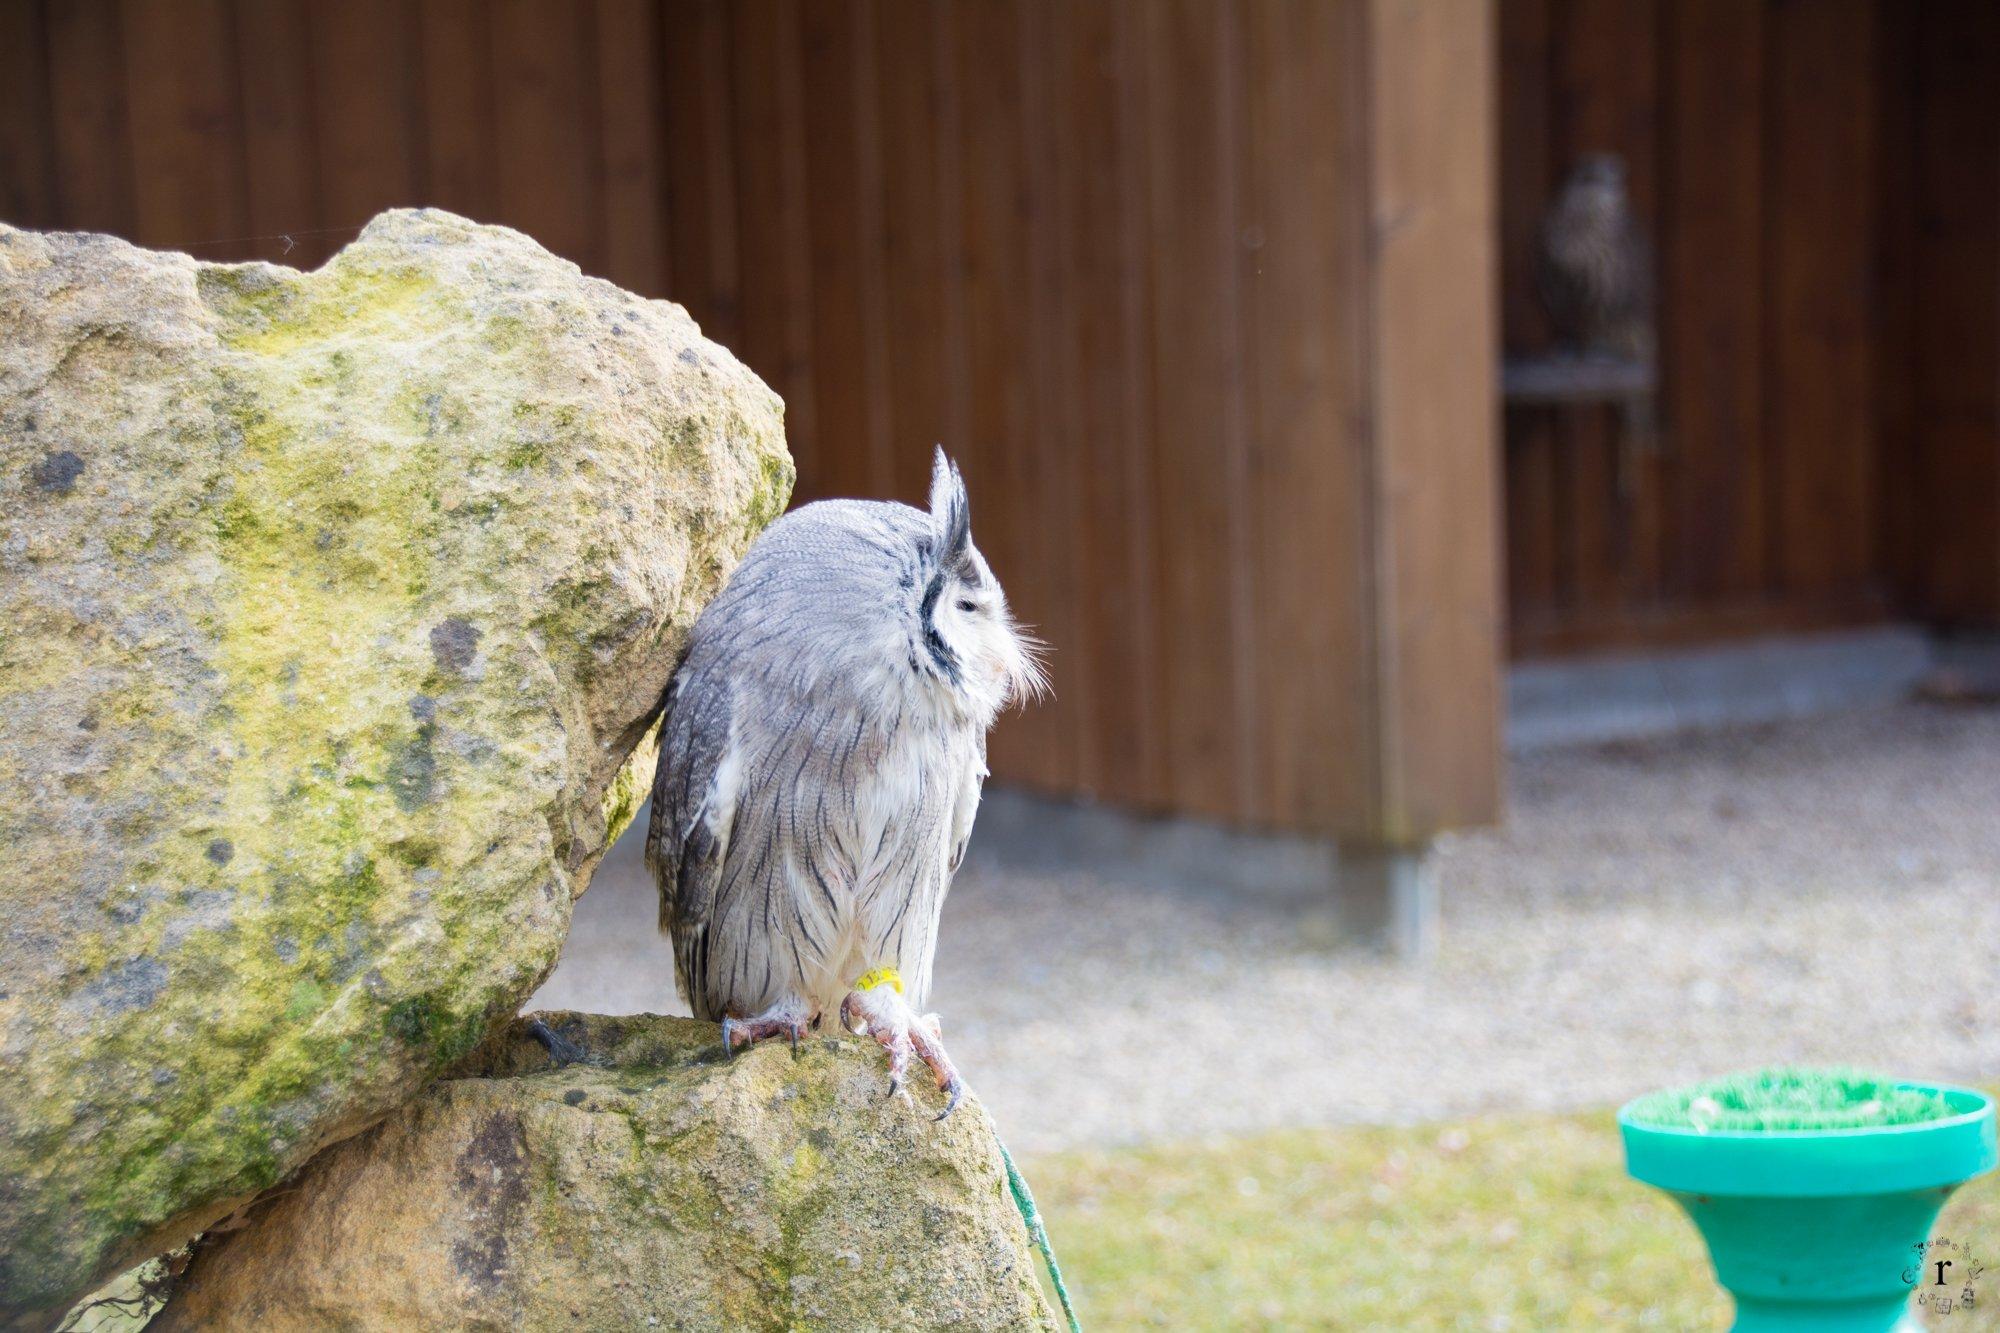 Neunkircher Zoo - Eule